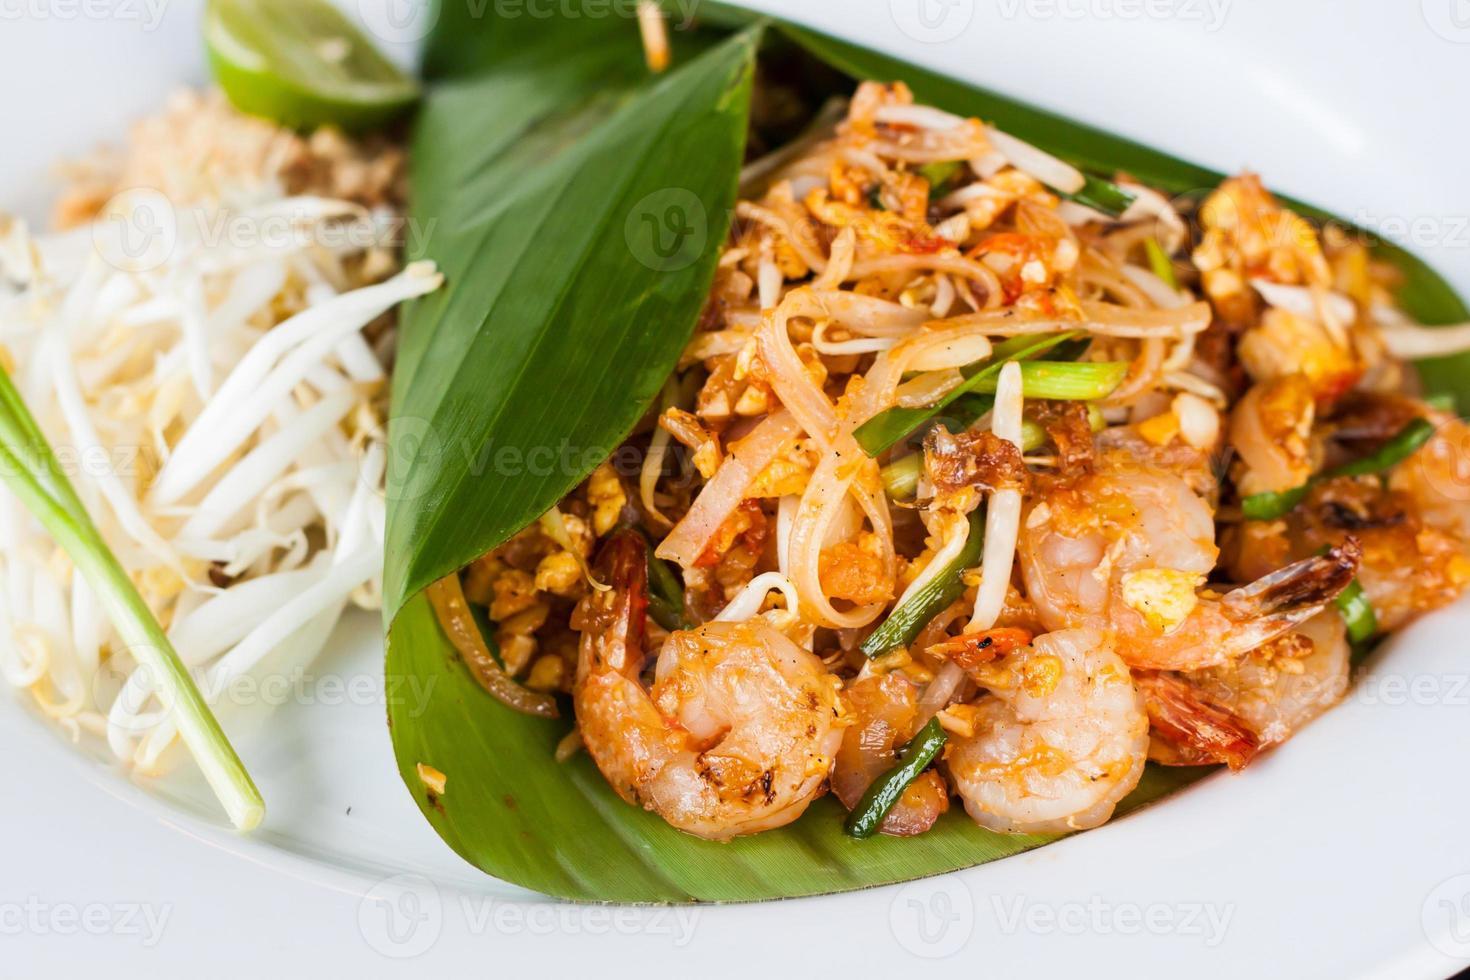 pad thai, thai style noodle with shrimp photo